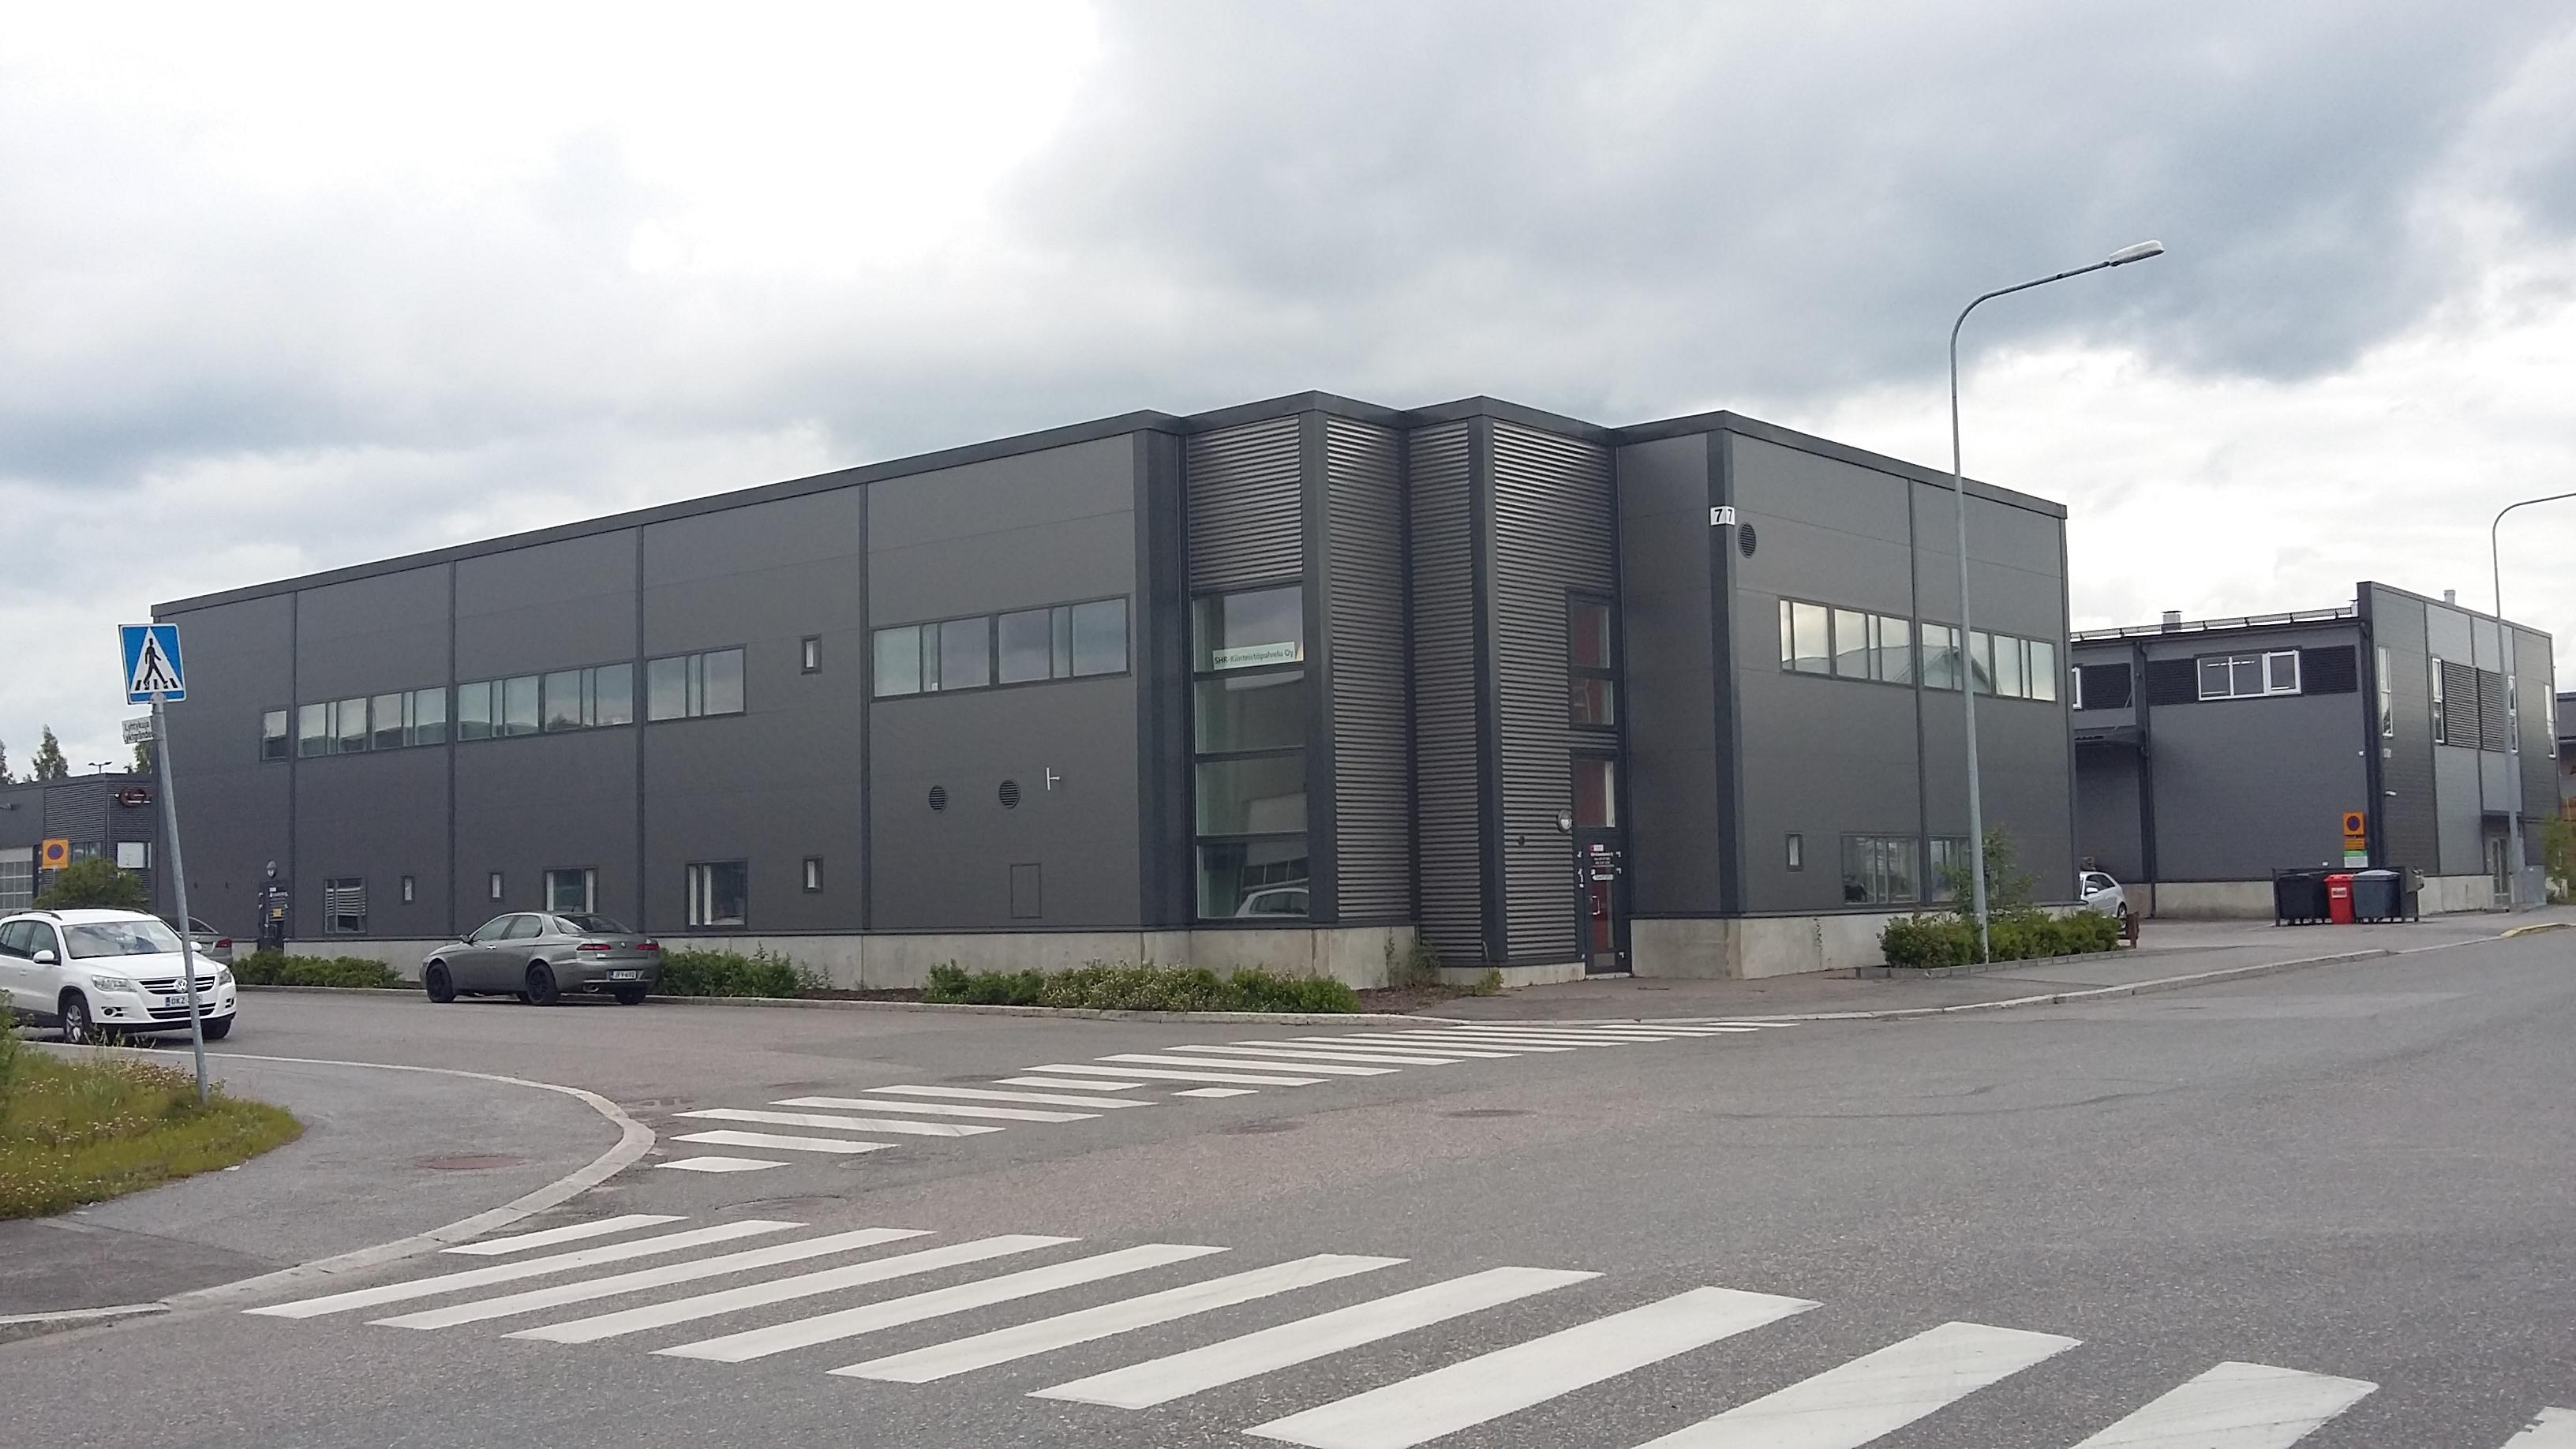 Toimitila, Lyhtytie 7, Suutarila, Tapulikaupunki, Helsinki